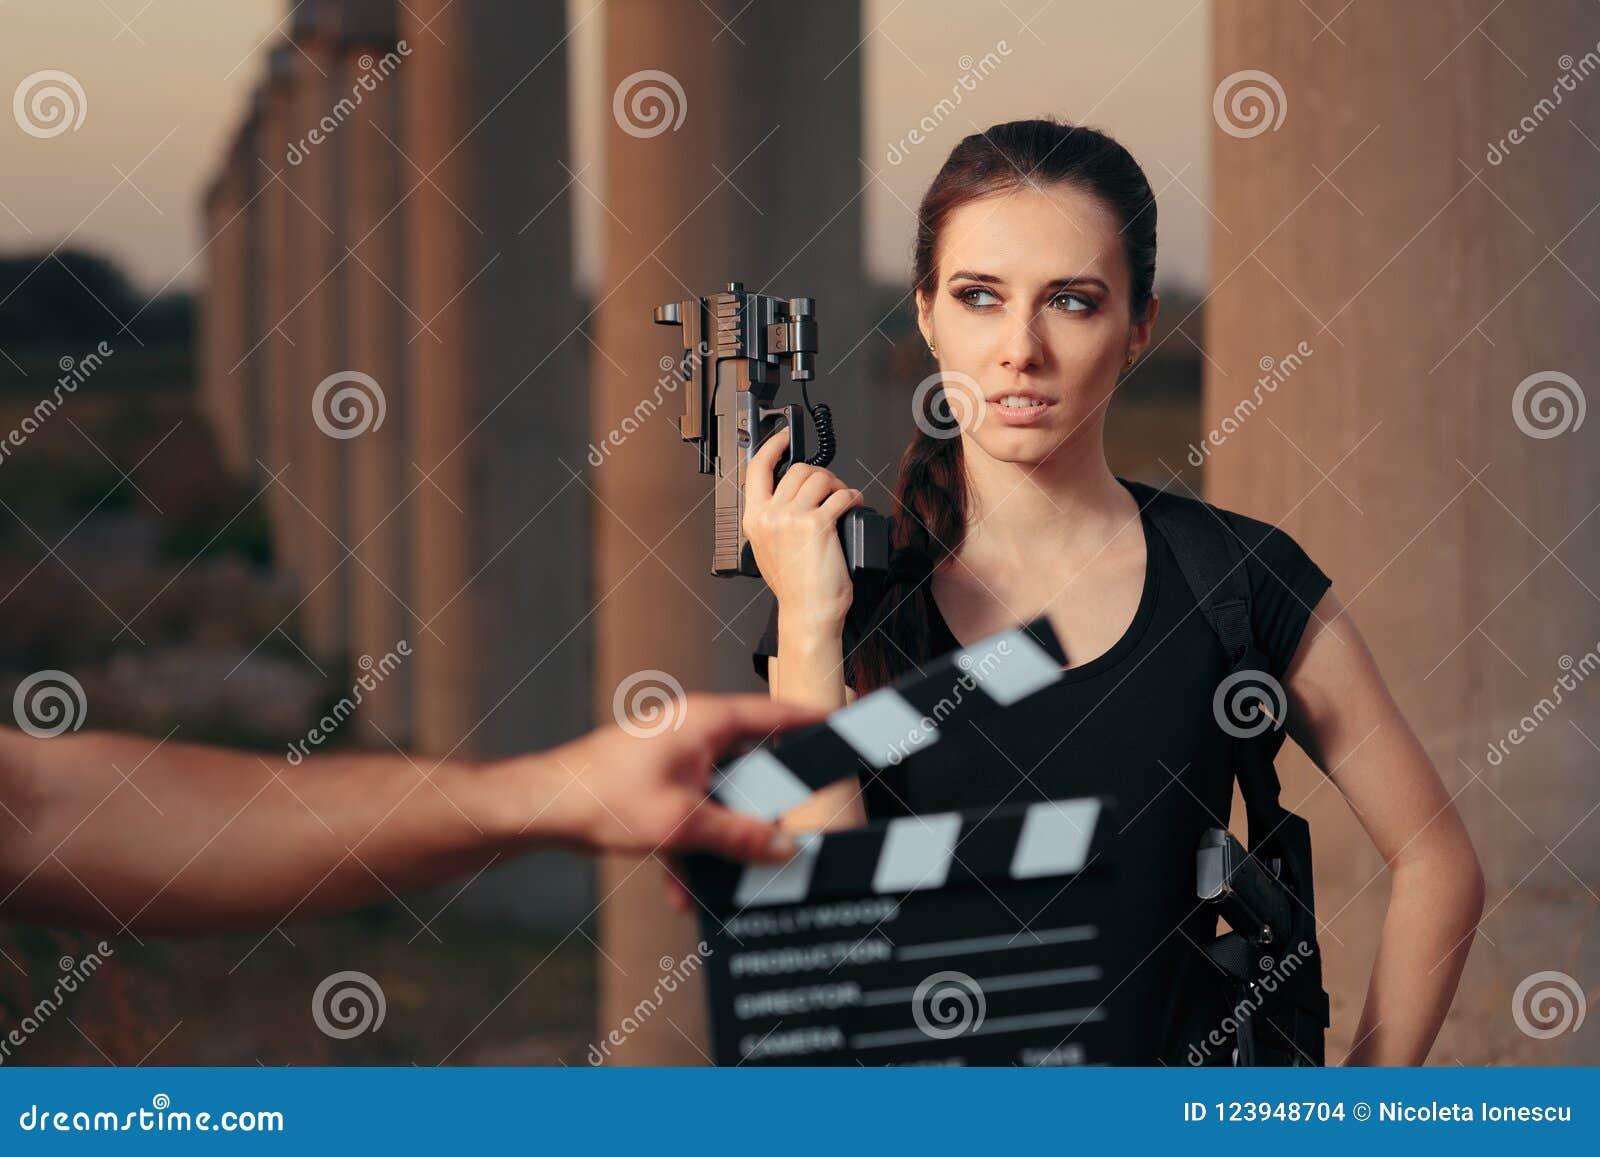 Escena femenina del tiroteo de la estrella de cine de la actriz del super héroe de la acción